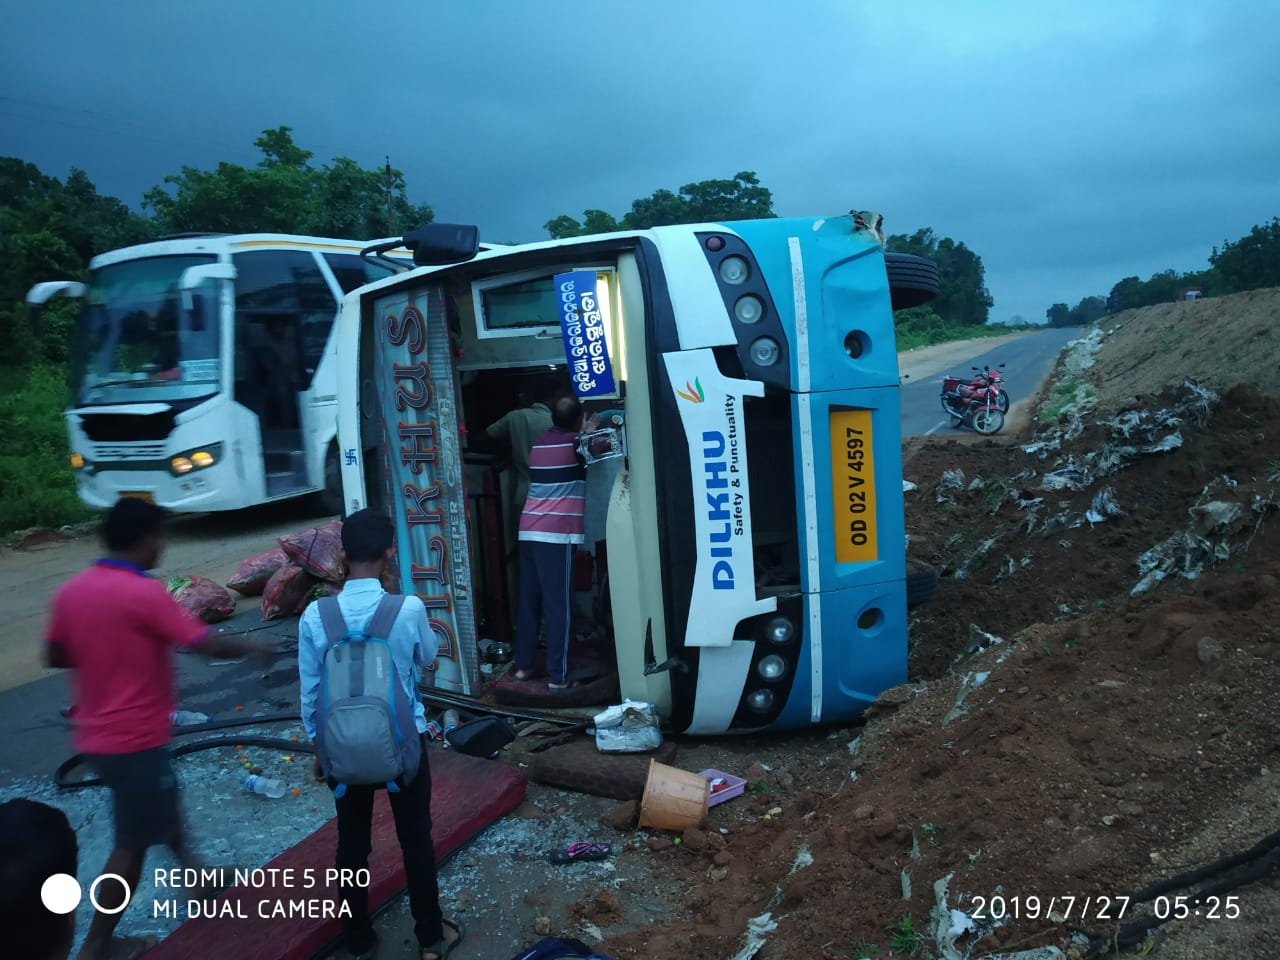 accident sambalpur